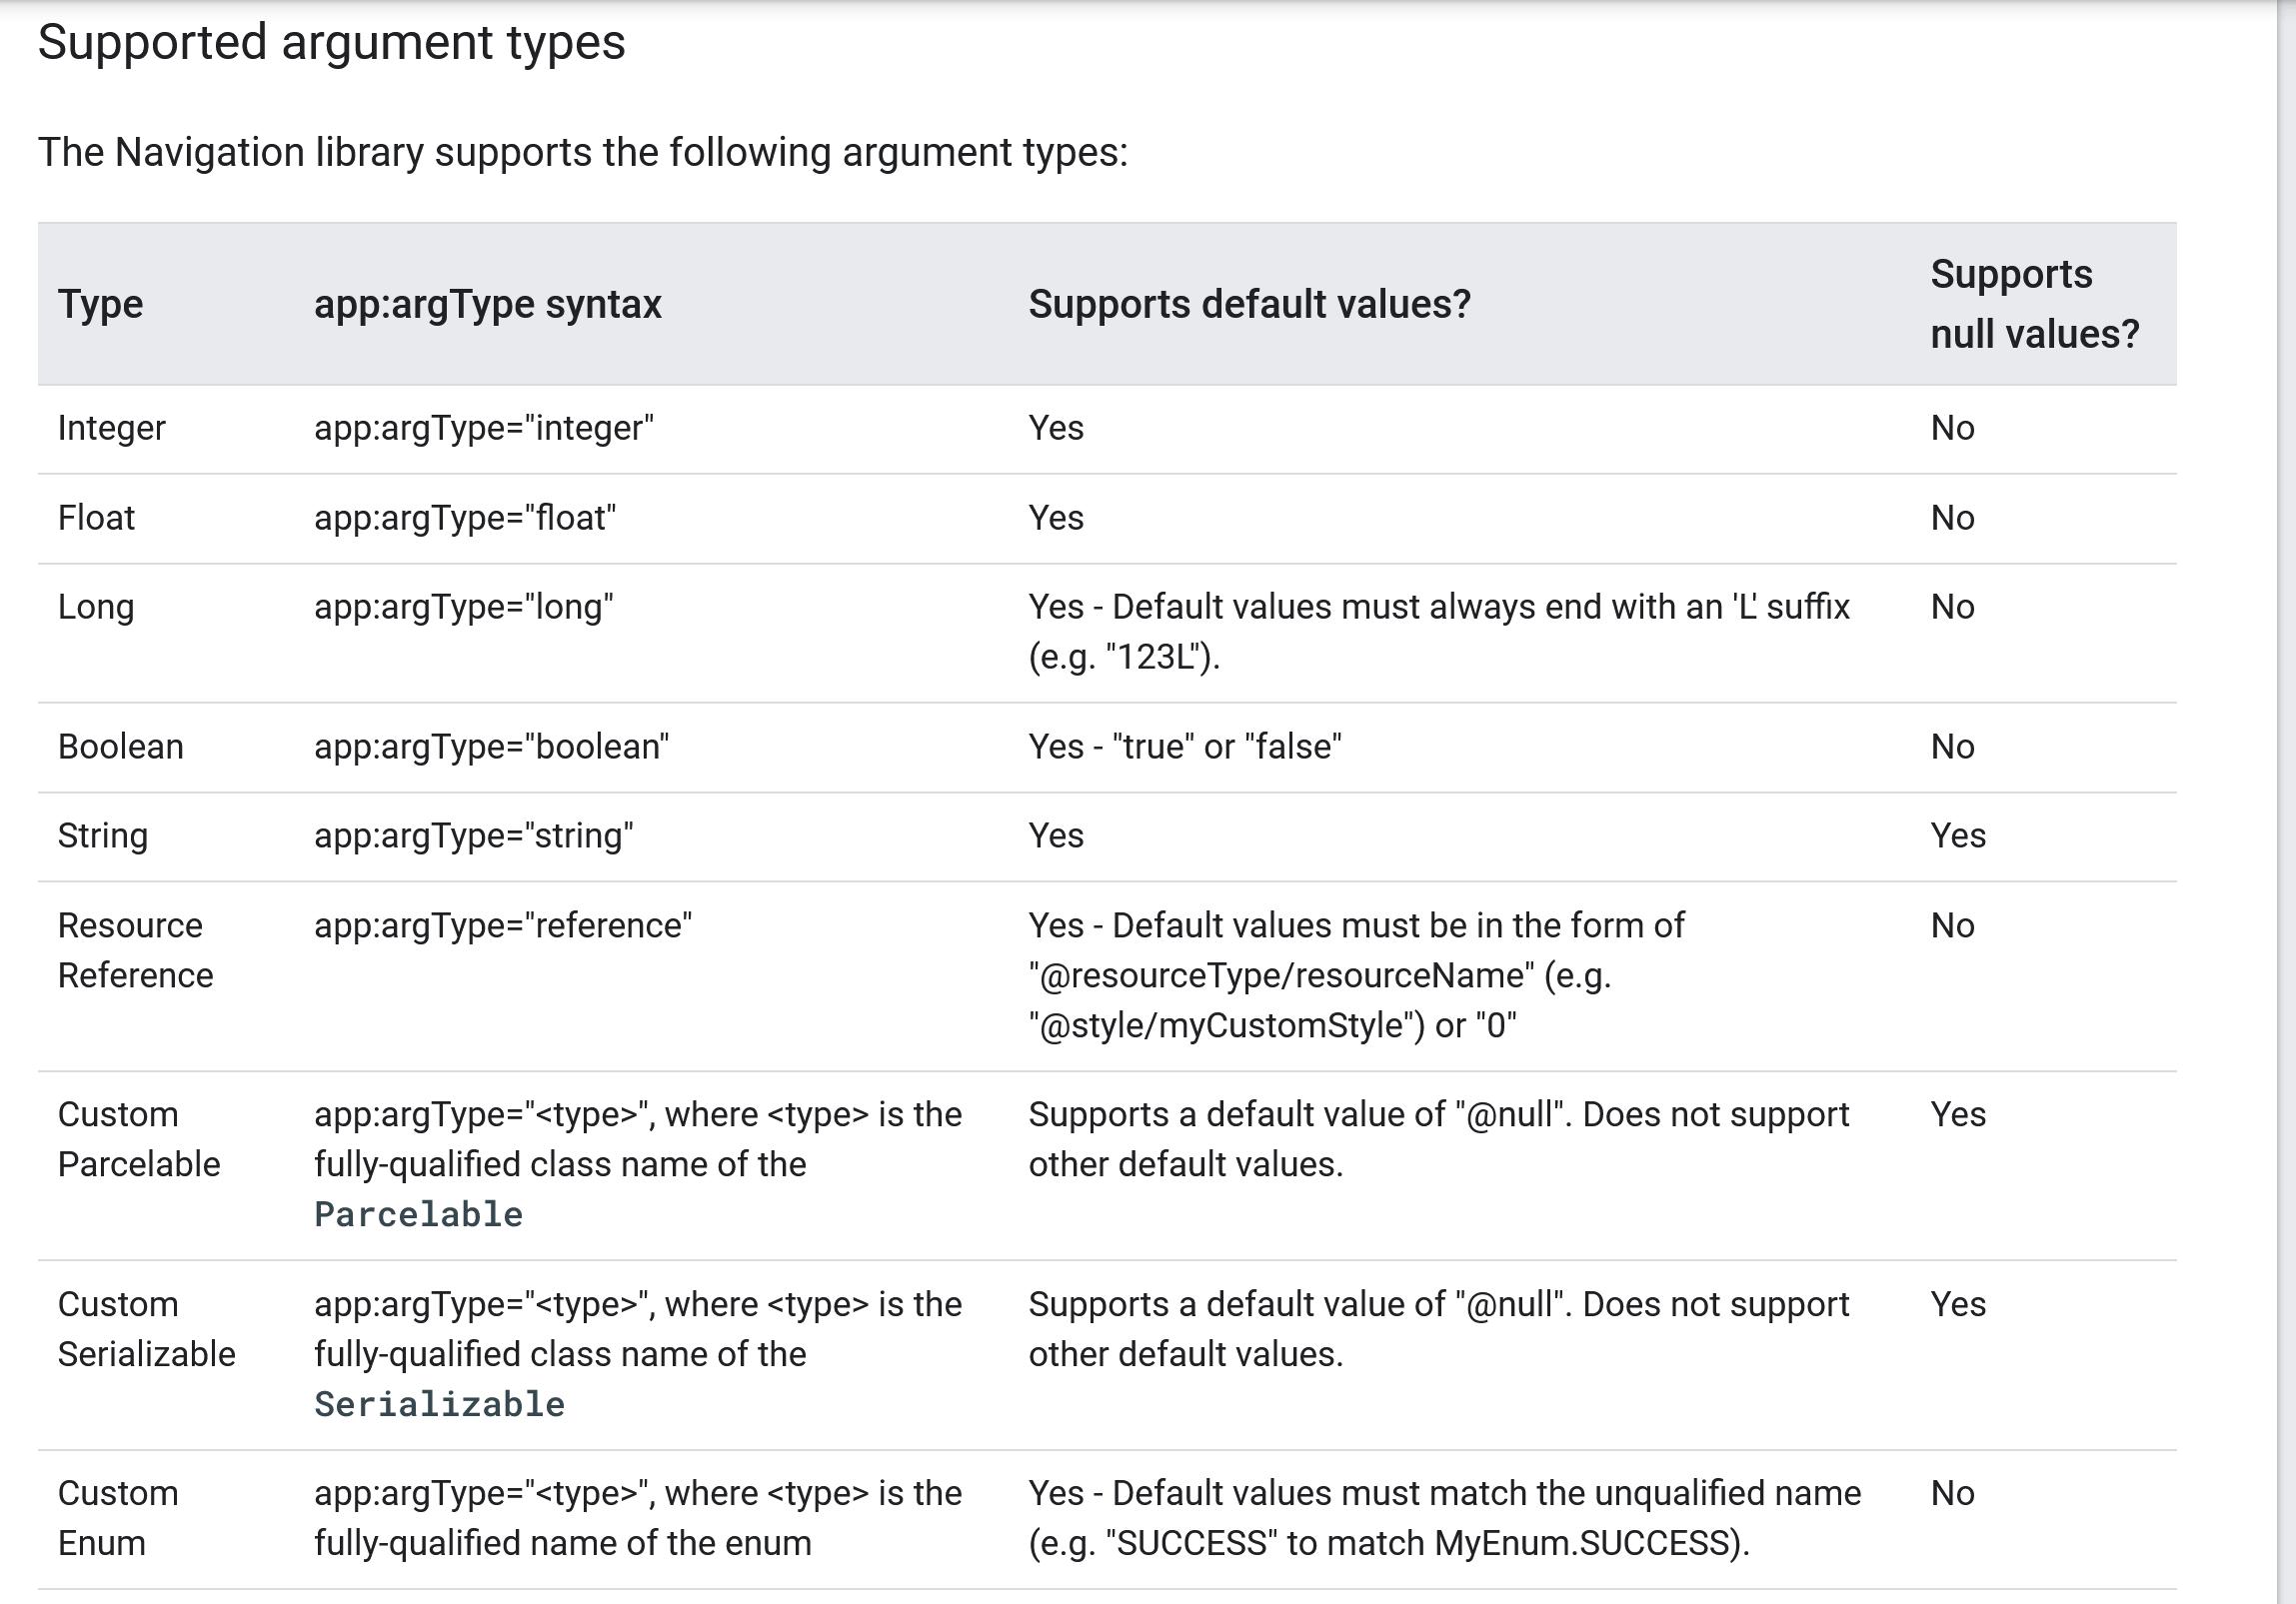 Supported Argument Types for Jetpack Compose Navigation